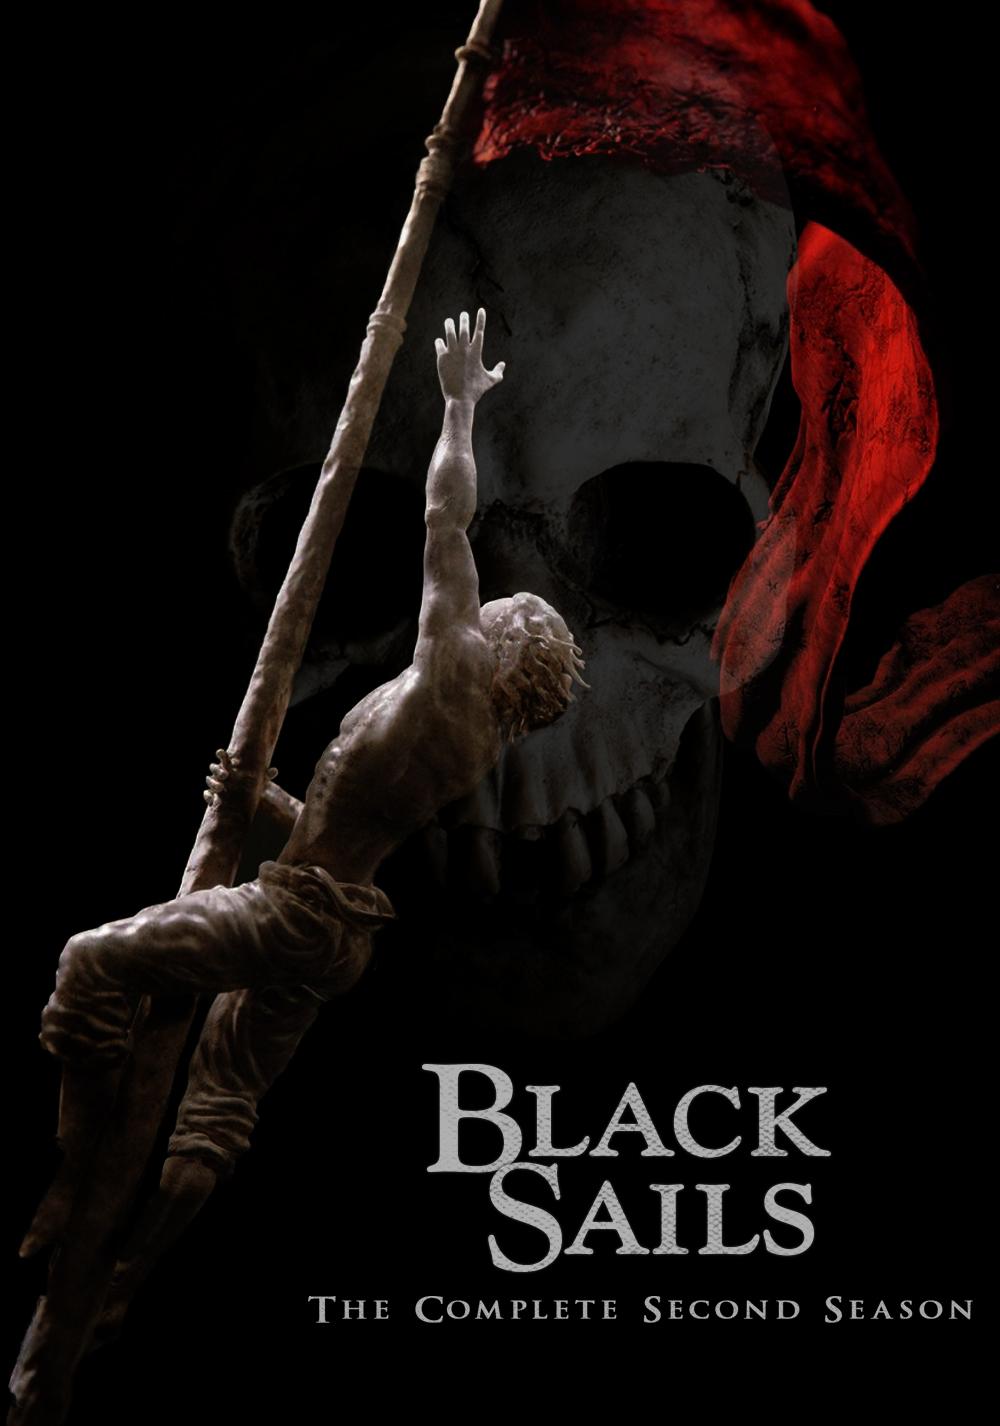 black-sails-544a44762rbs63.jpg